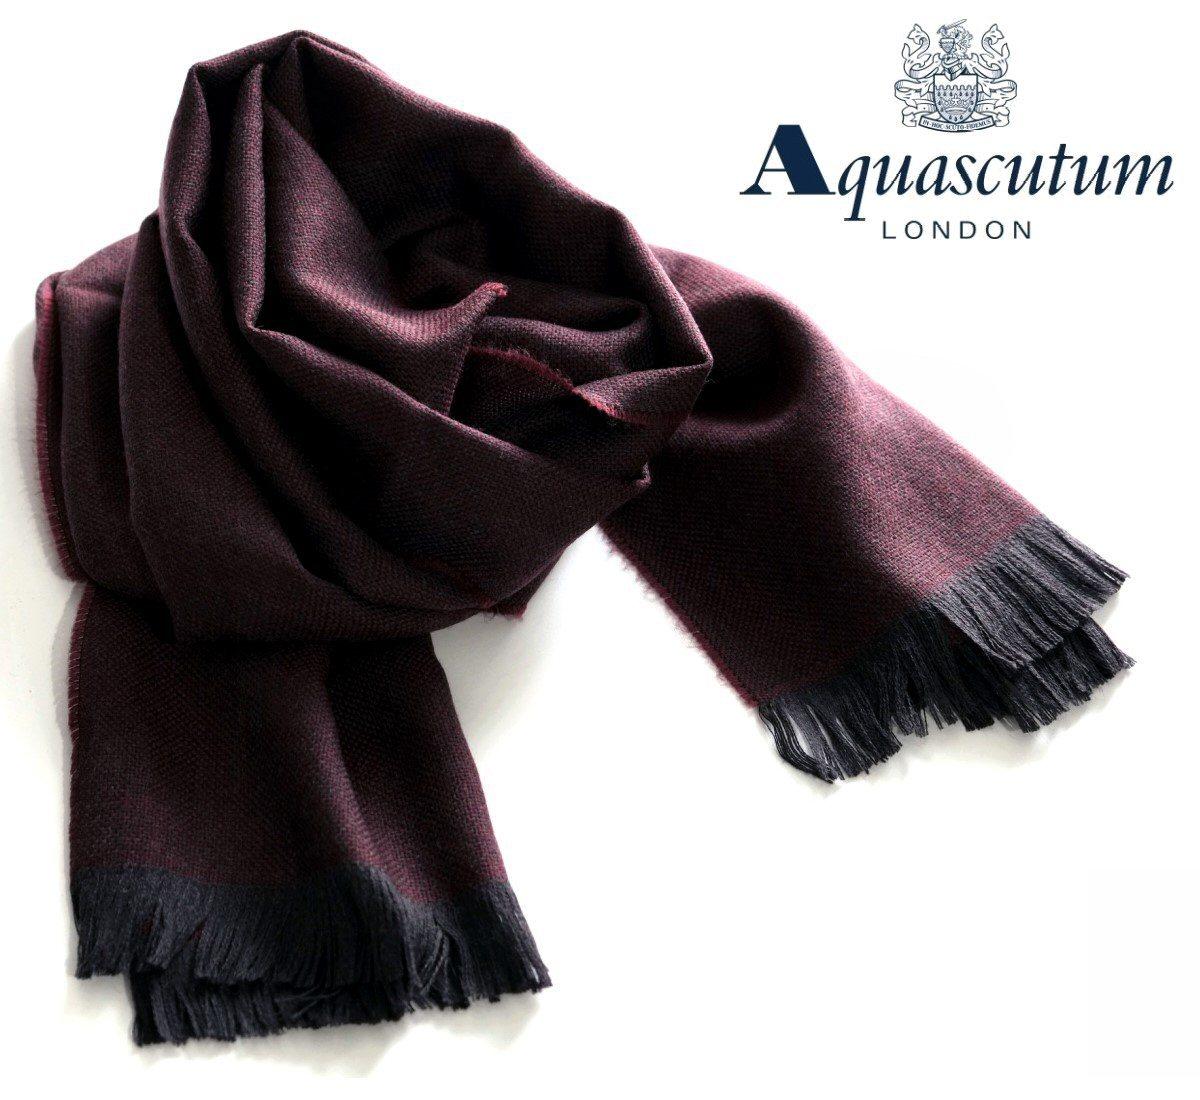 Aquascutum【アクアスキュータム】定価19,800円(税込)◆30%OFF◆イタリア製 ウールストールボルドー×ブラック系